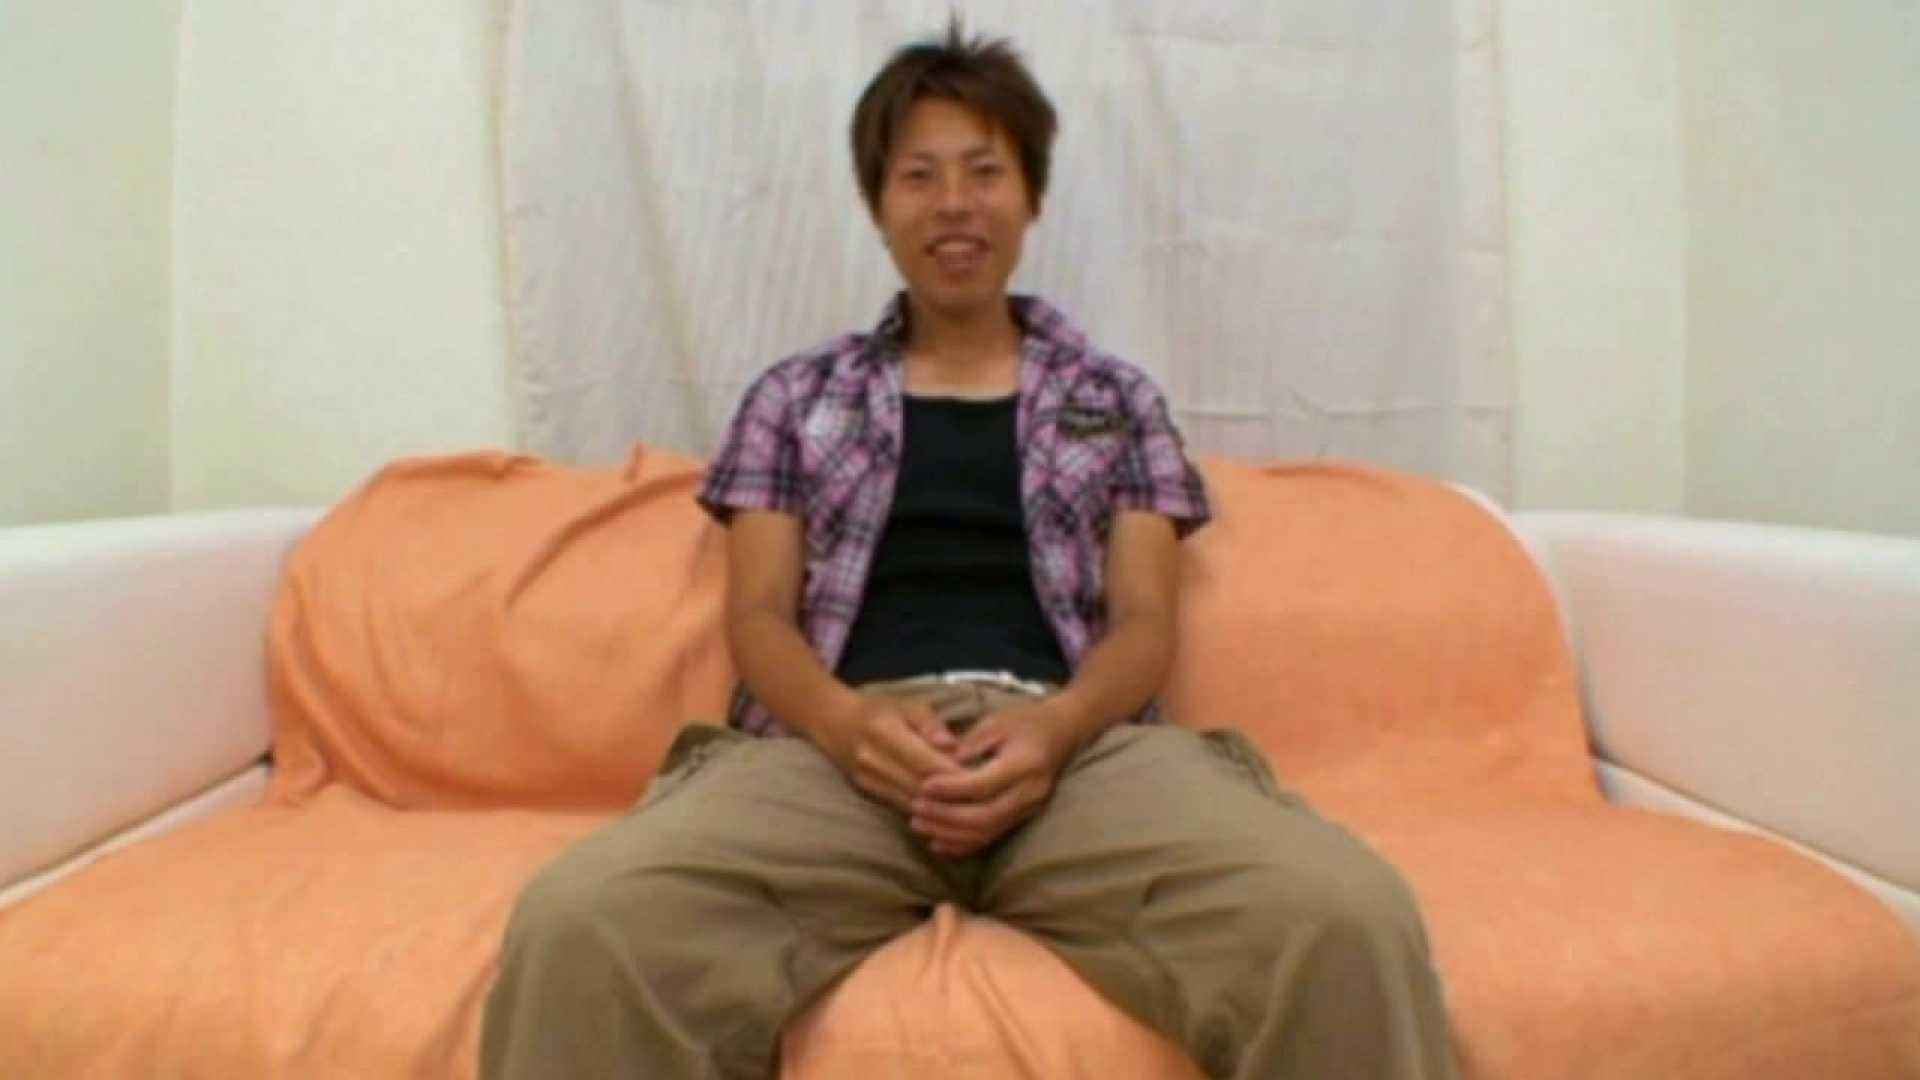 ノンケ!自慰スタジオ No.10 愛するノンケ | 素人  10枚 9